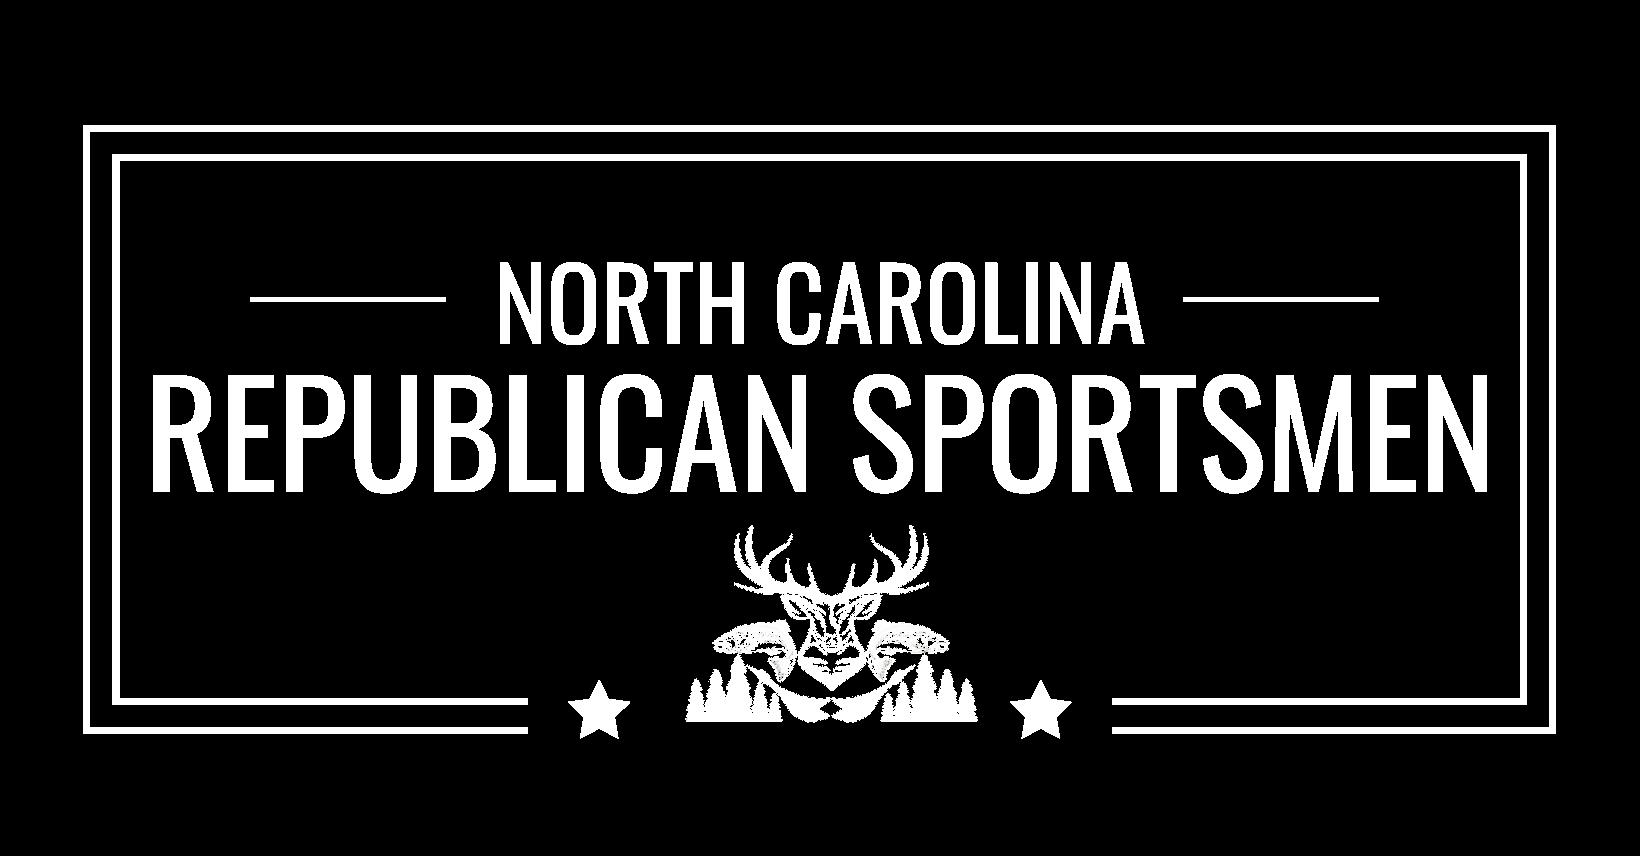 North Carolina Republican Sportsmen